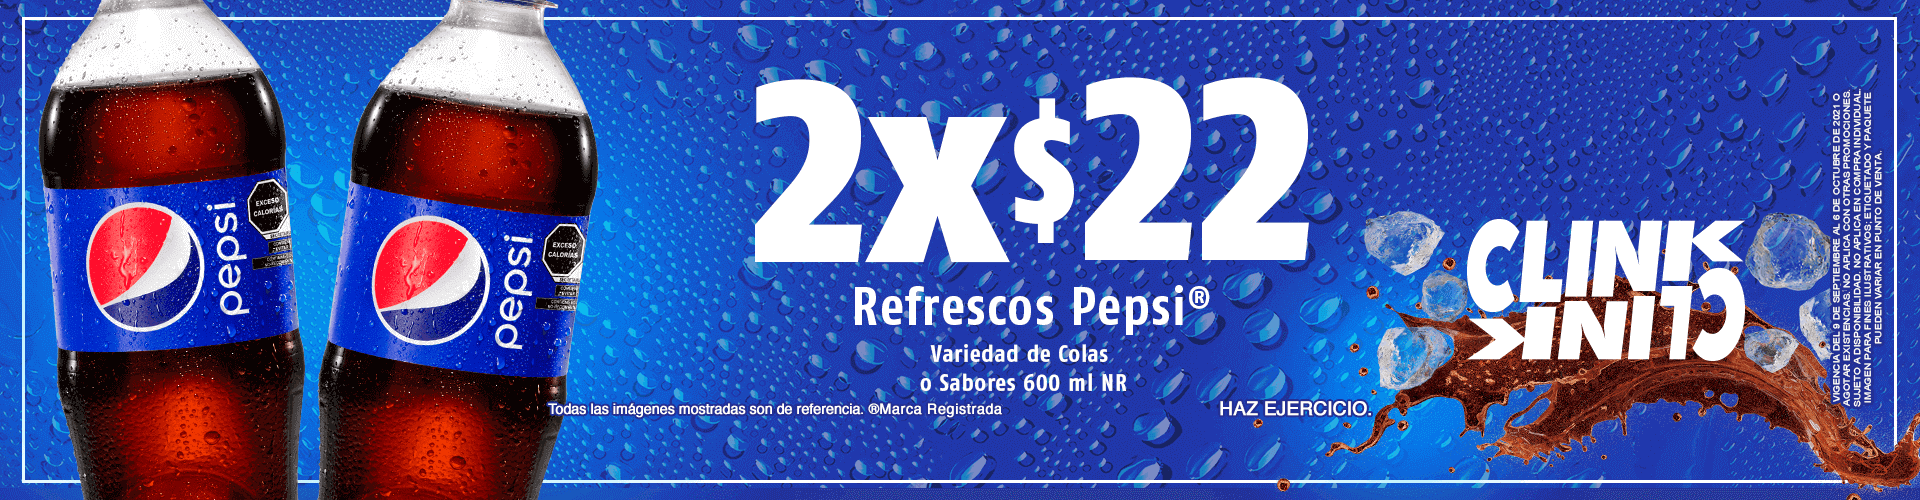 OXXO Home Pepsi P10 2021